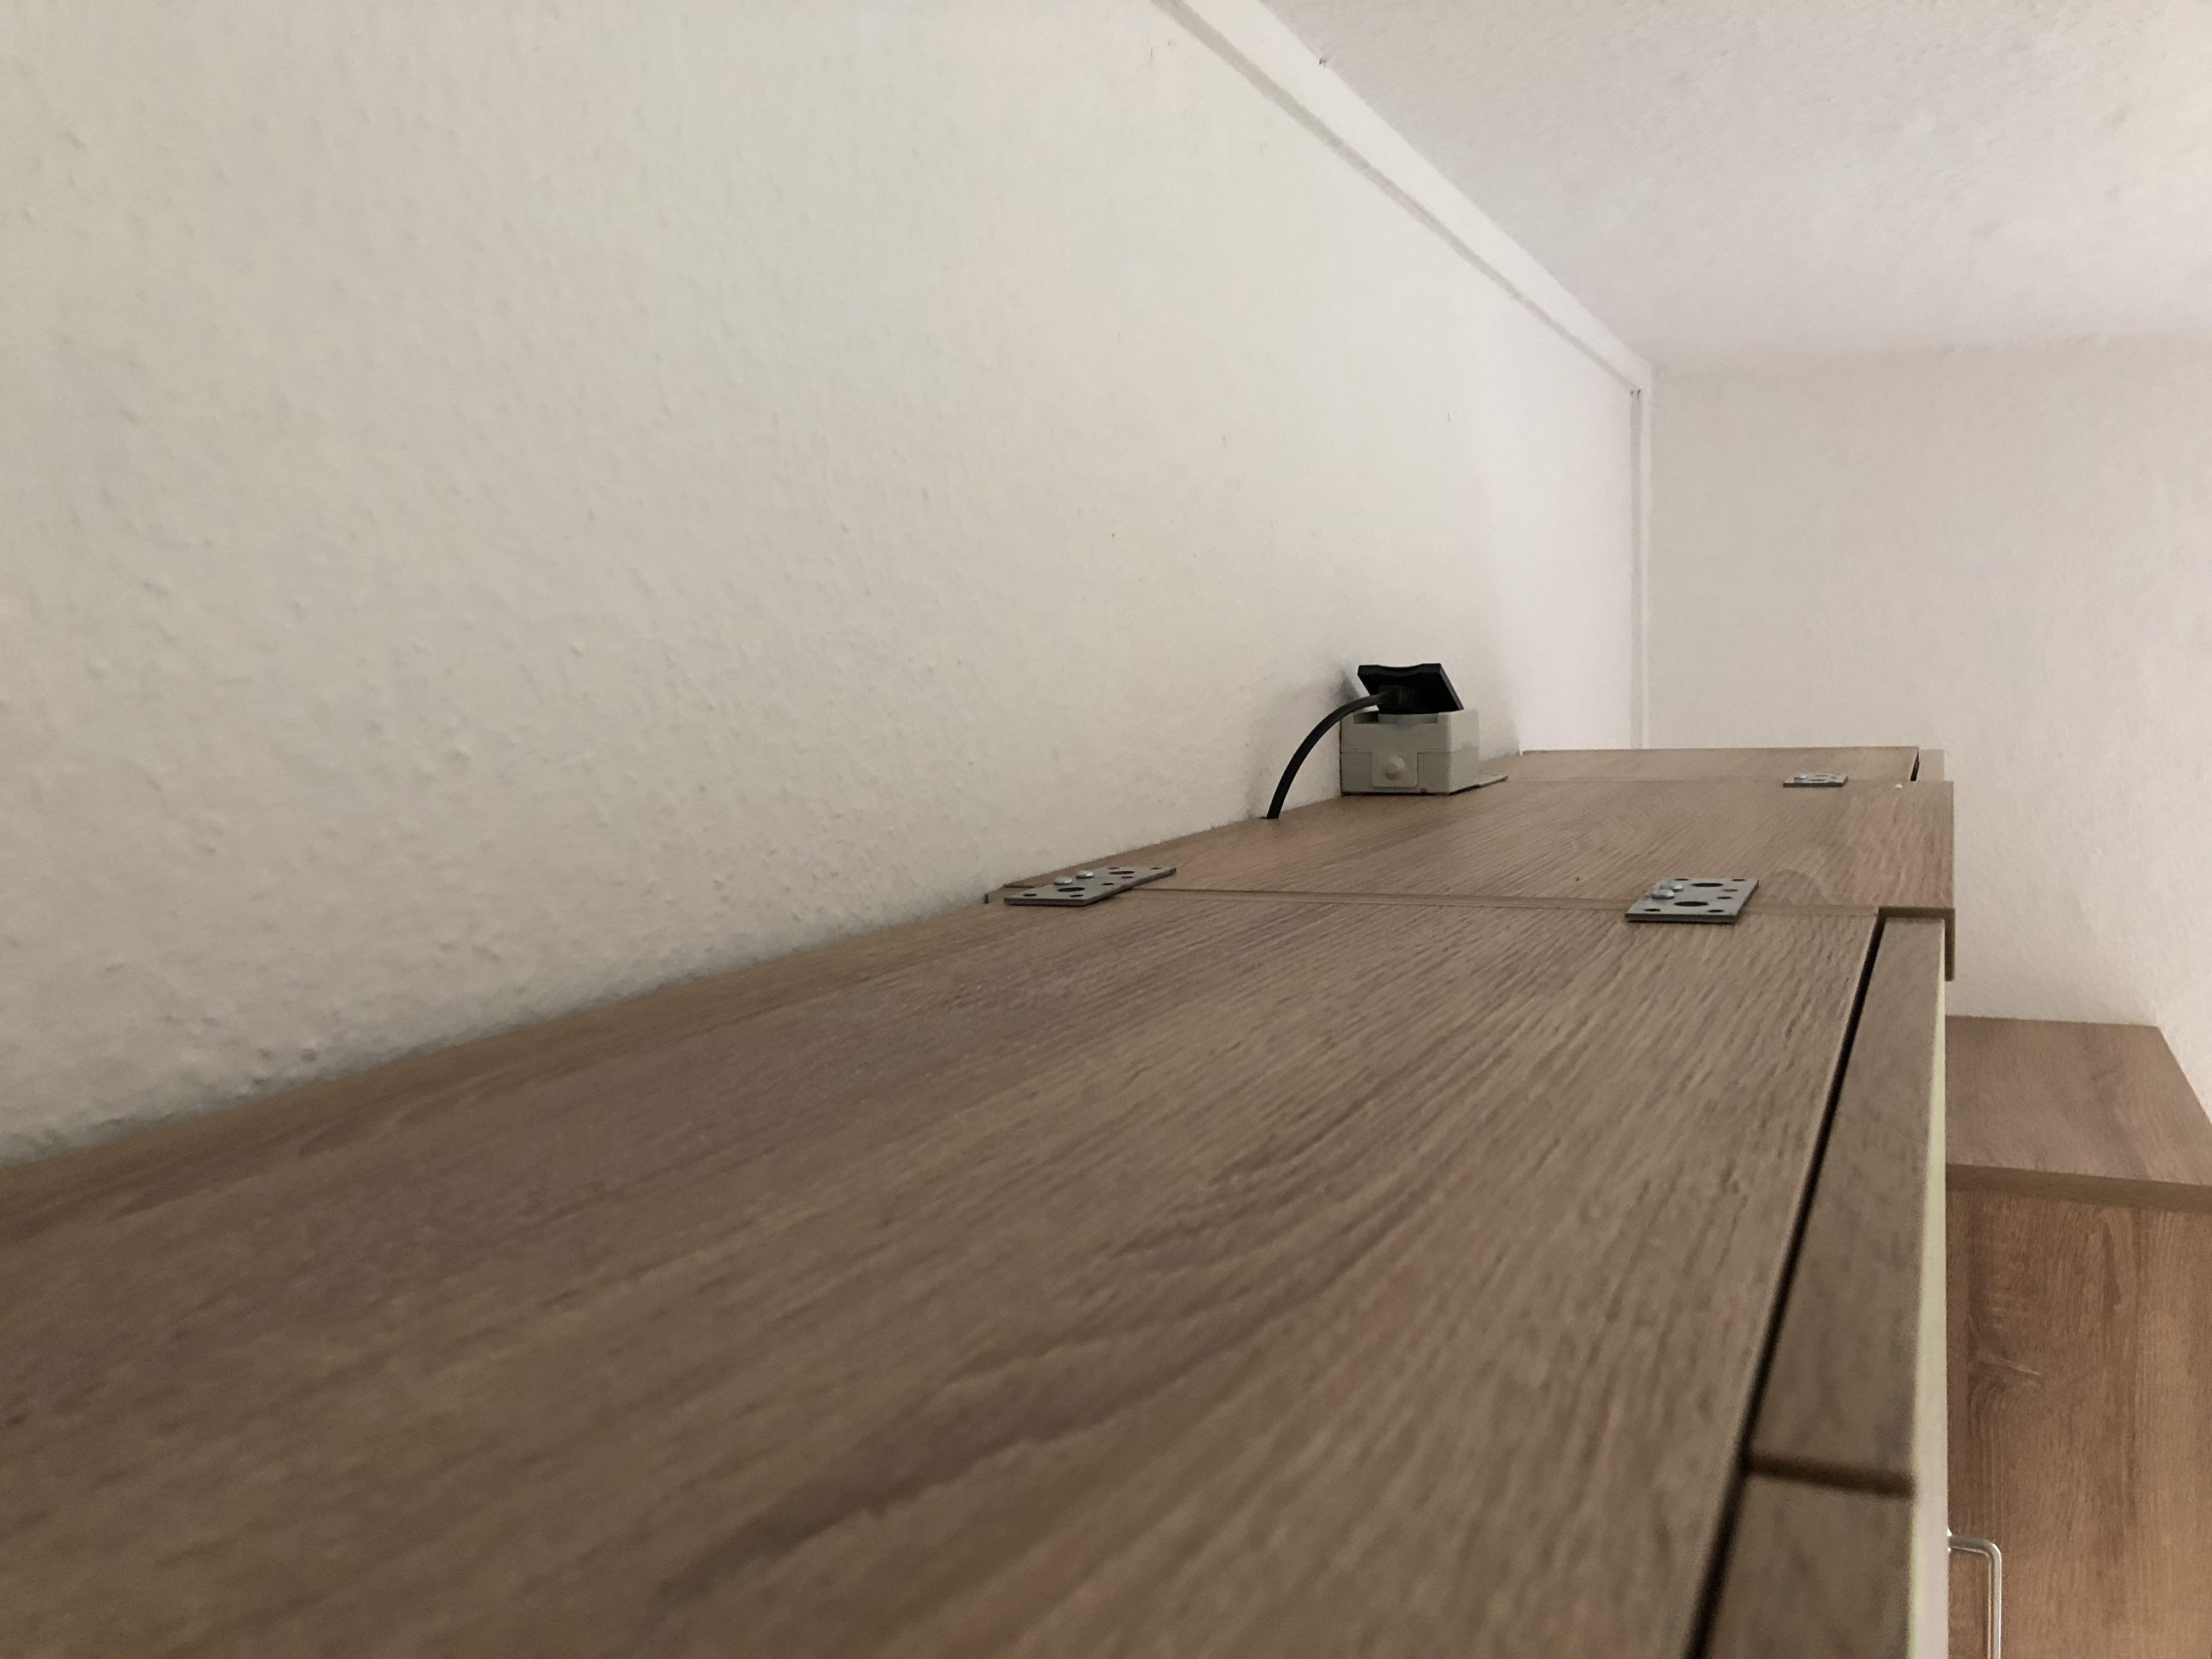 Küchenzeile in Sonoma Eiche_Wohngruppe_Steckdose